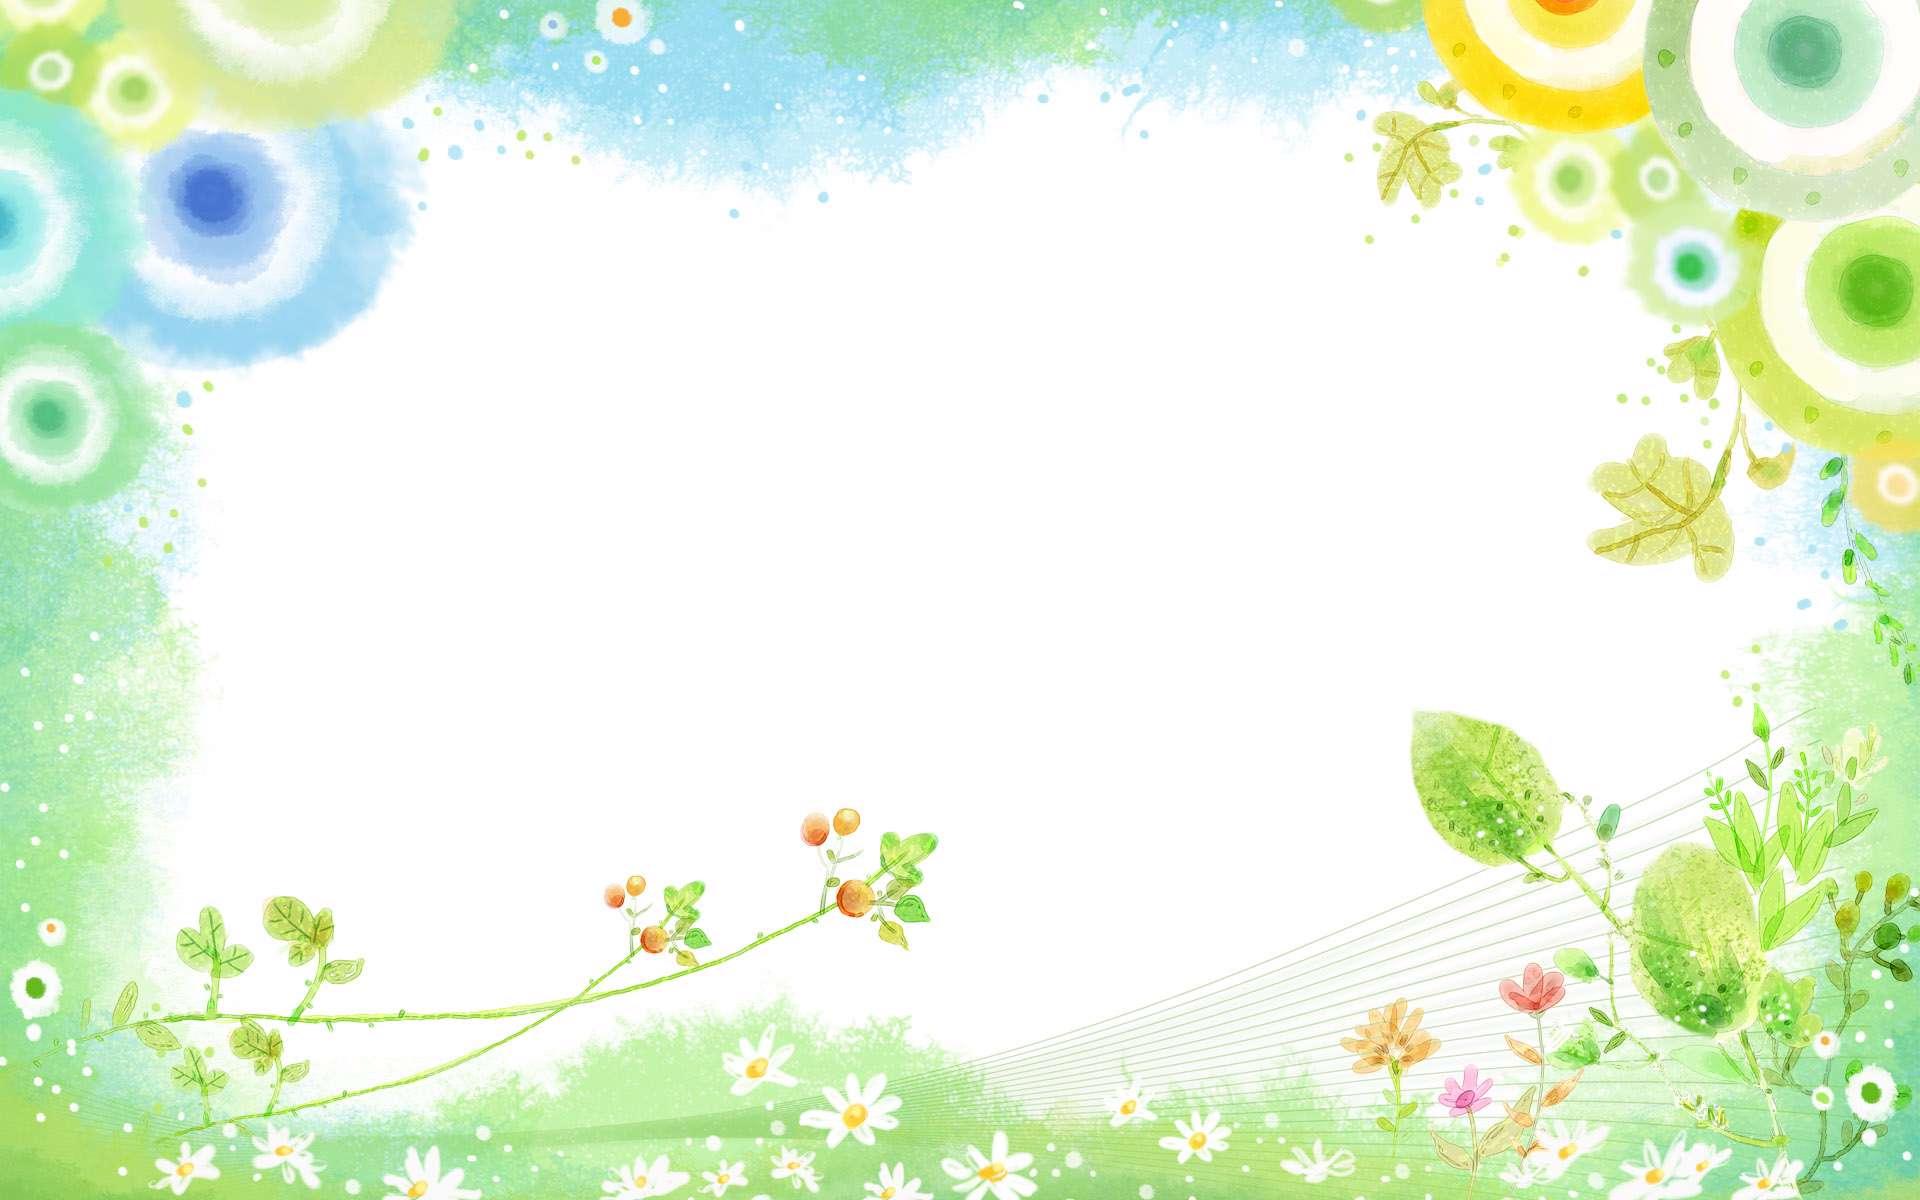 نقاشي با آبرنگ از ساختمان نقاشي ديجيتالي از برگها و گلهاي زيبا گنجینه تصاویر تبيان